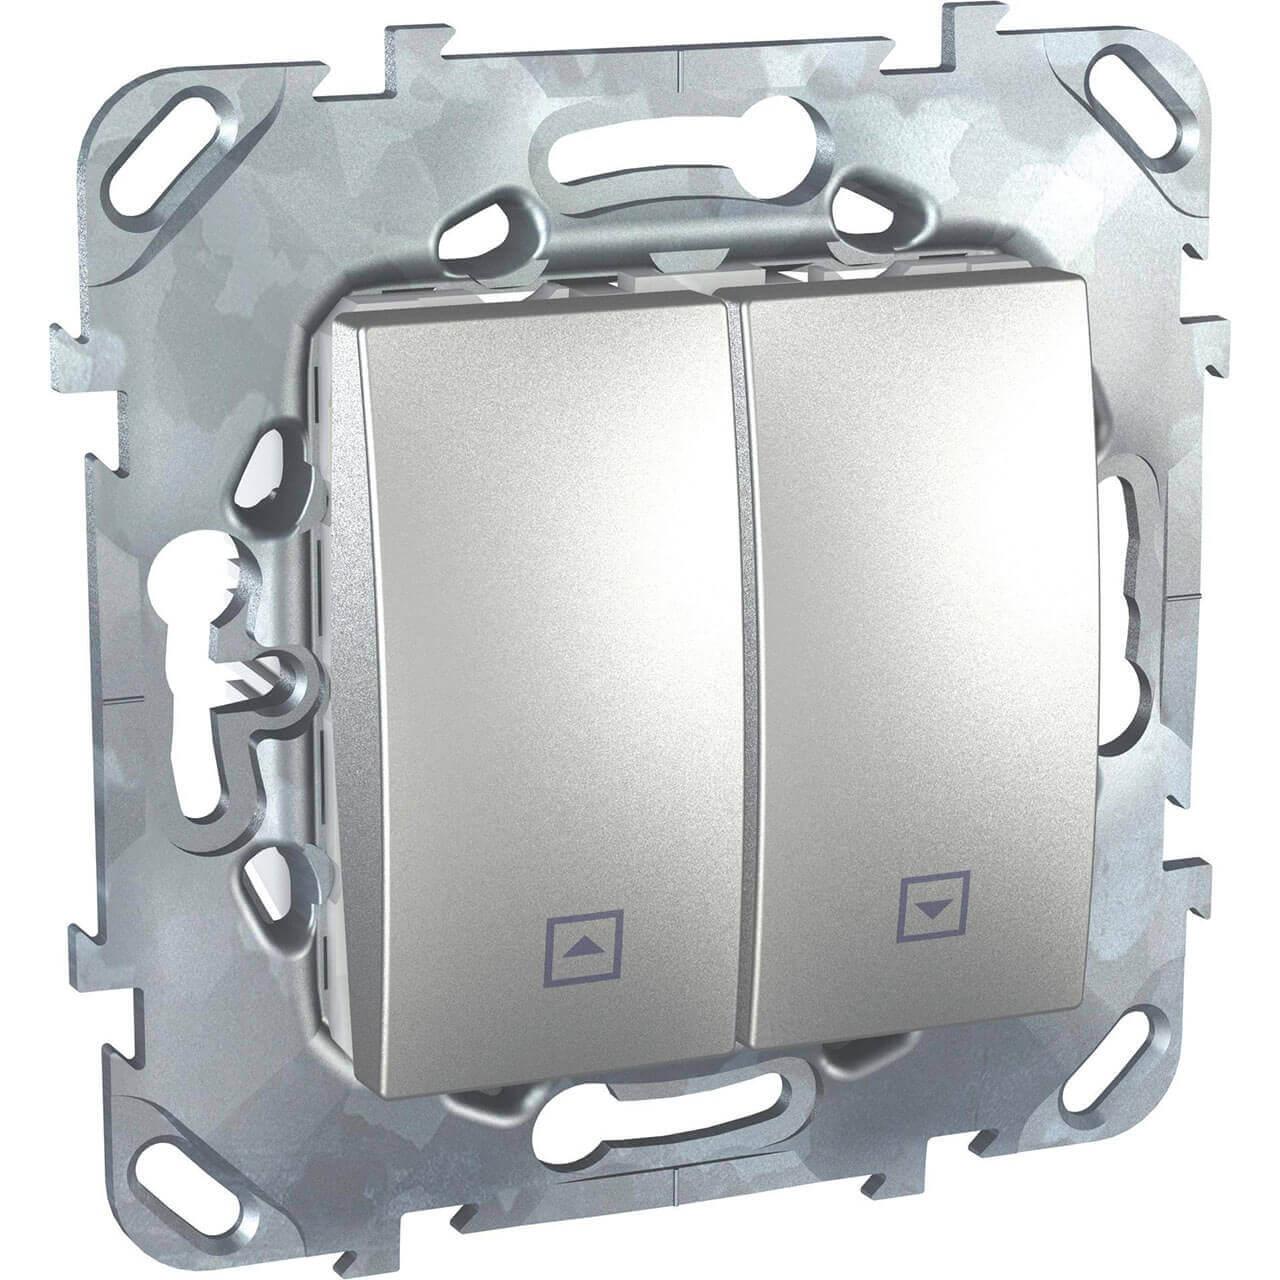 Выключатель двухклавишный для жалюзи без фиксации Schneider Electric Unica MGU5.207.30ZD выключатель двухклавишный для жалюзи schneider electric unica mgu5 208 25zd